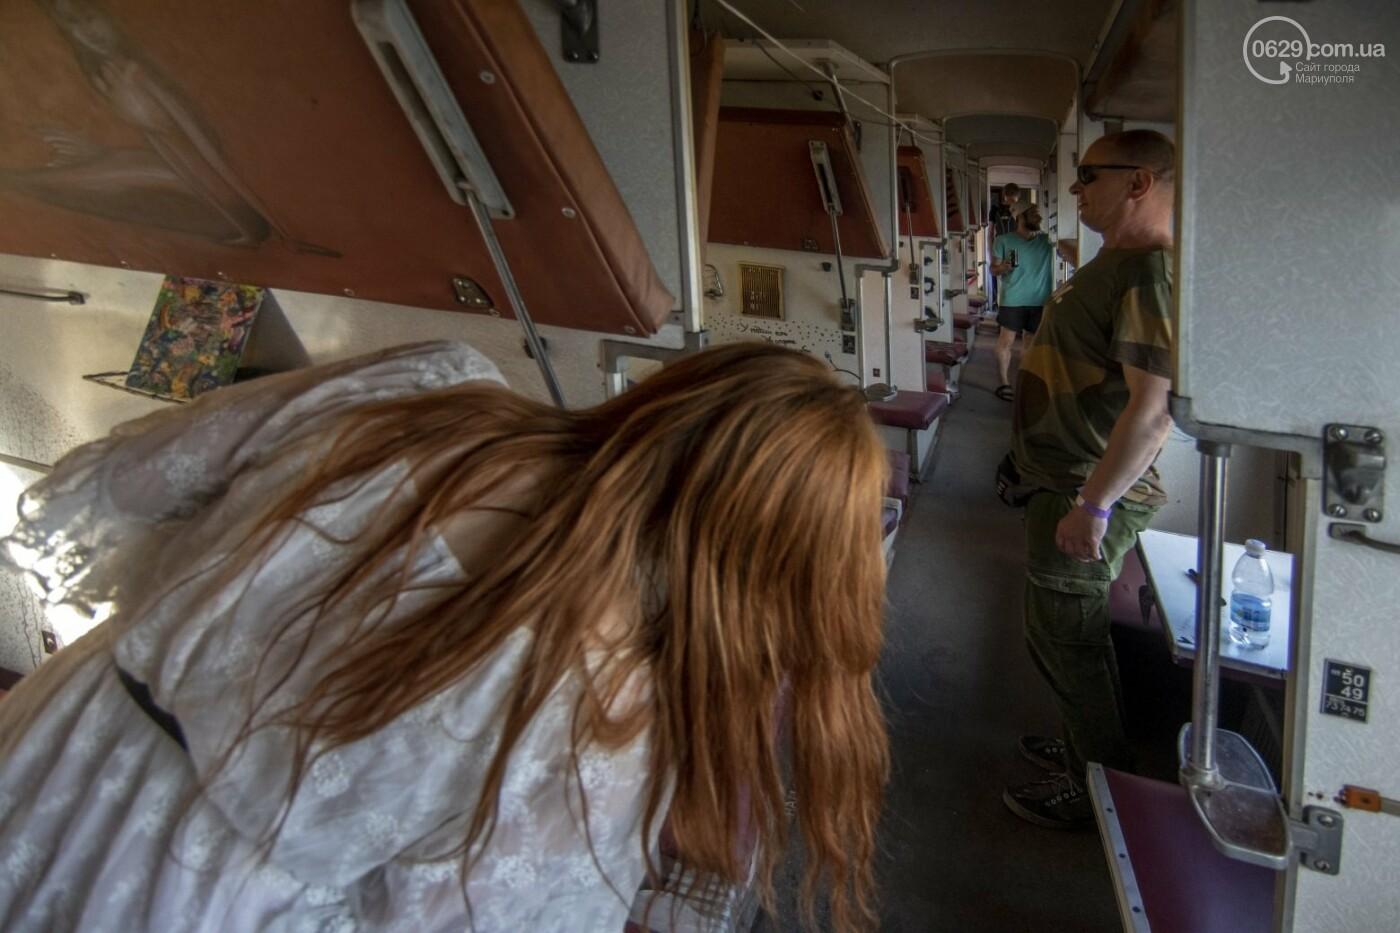 Во что превратили художники старый железнодорожный состав в Мариуполе. 33 фотографии! , фото-24